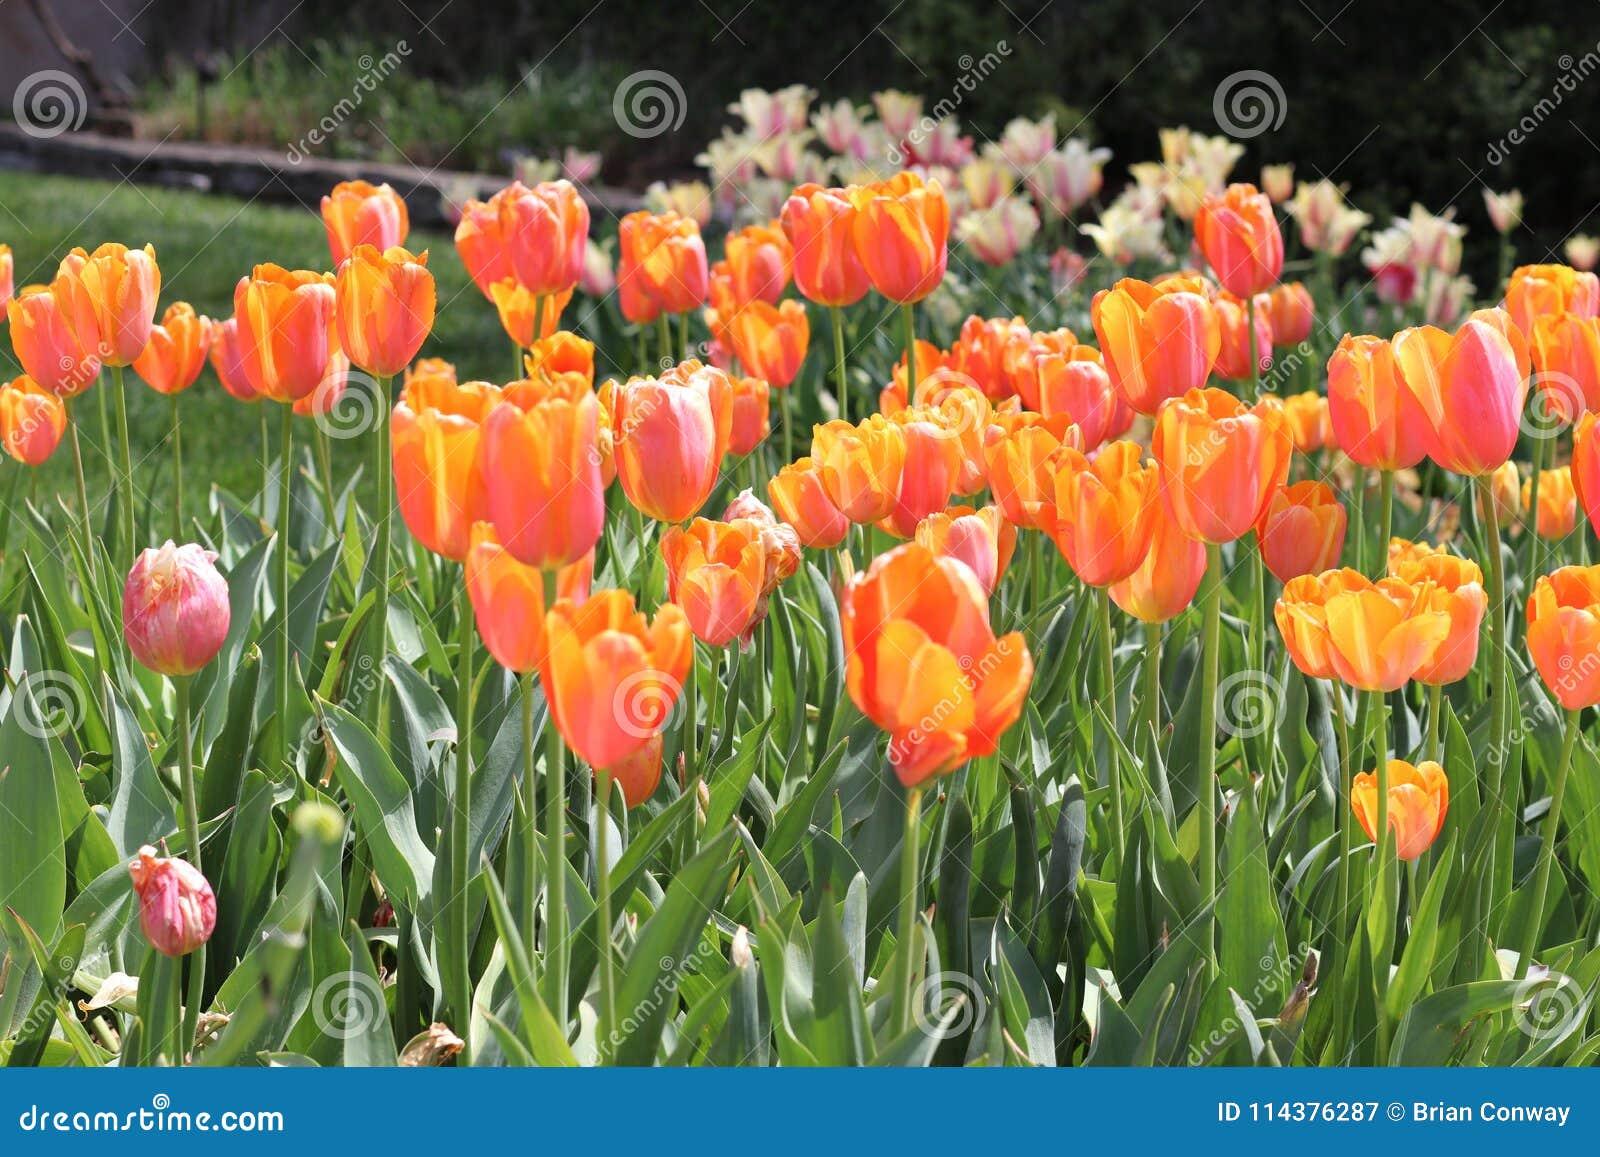 春天郁金香绽放美丽的庭院